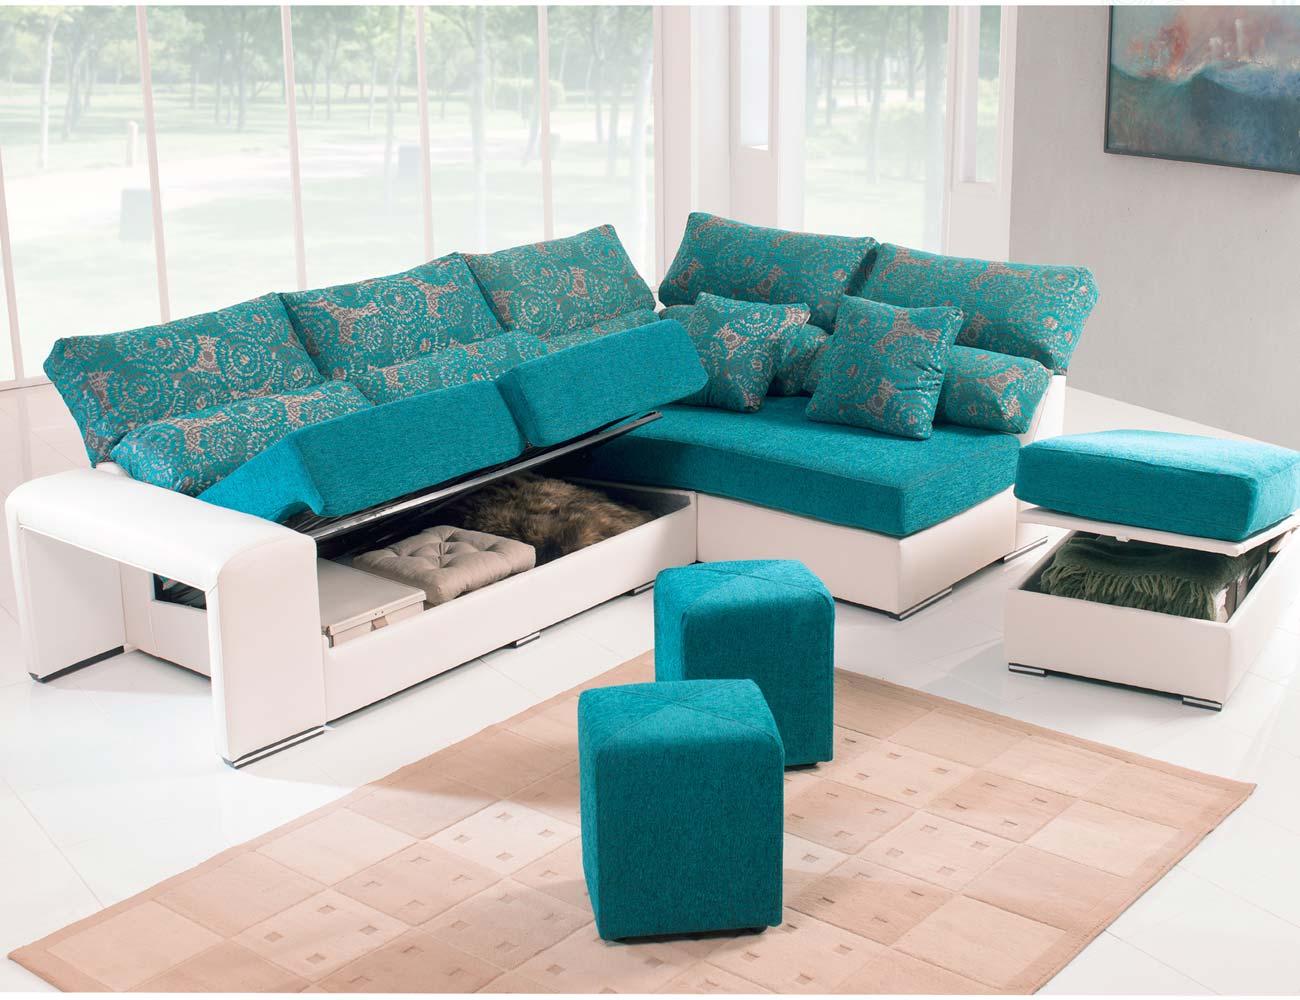 Sofa chaiselongue rincon puff arcon taburete18